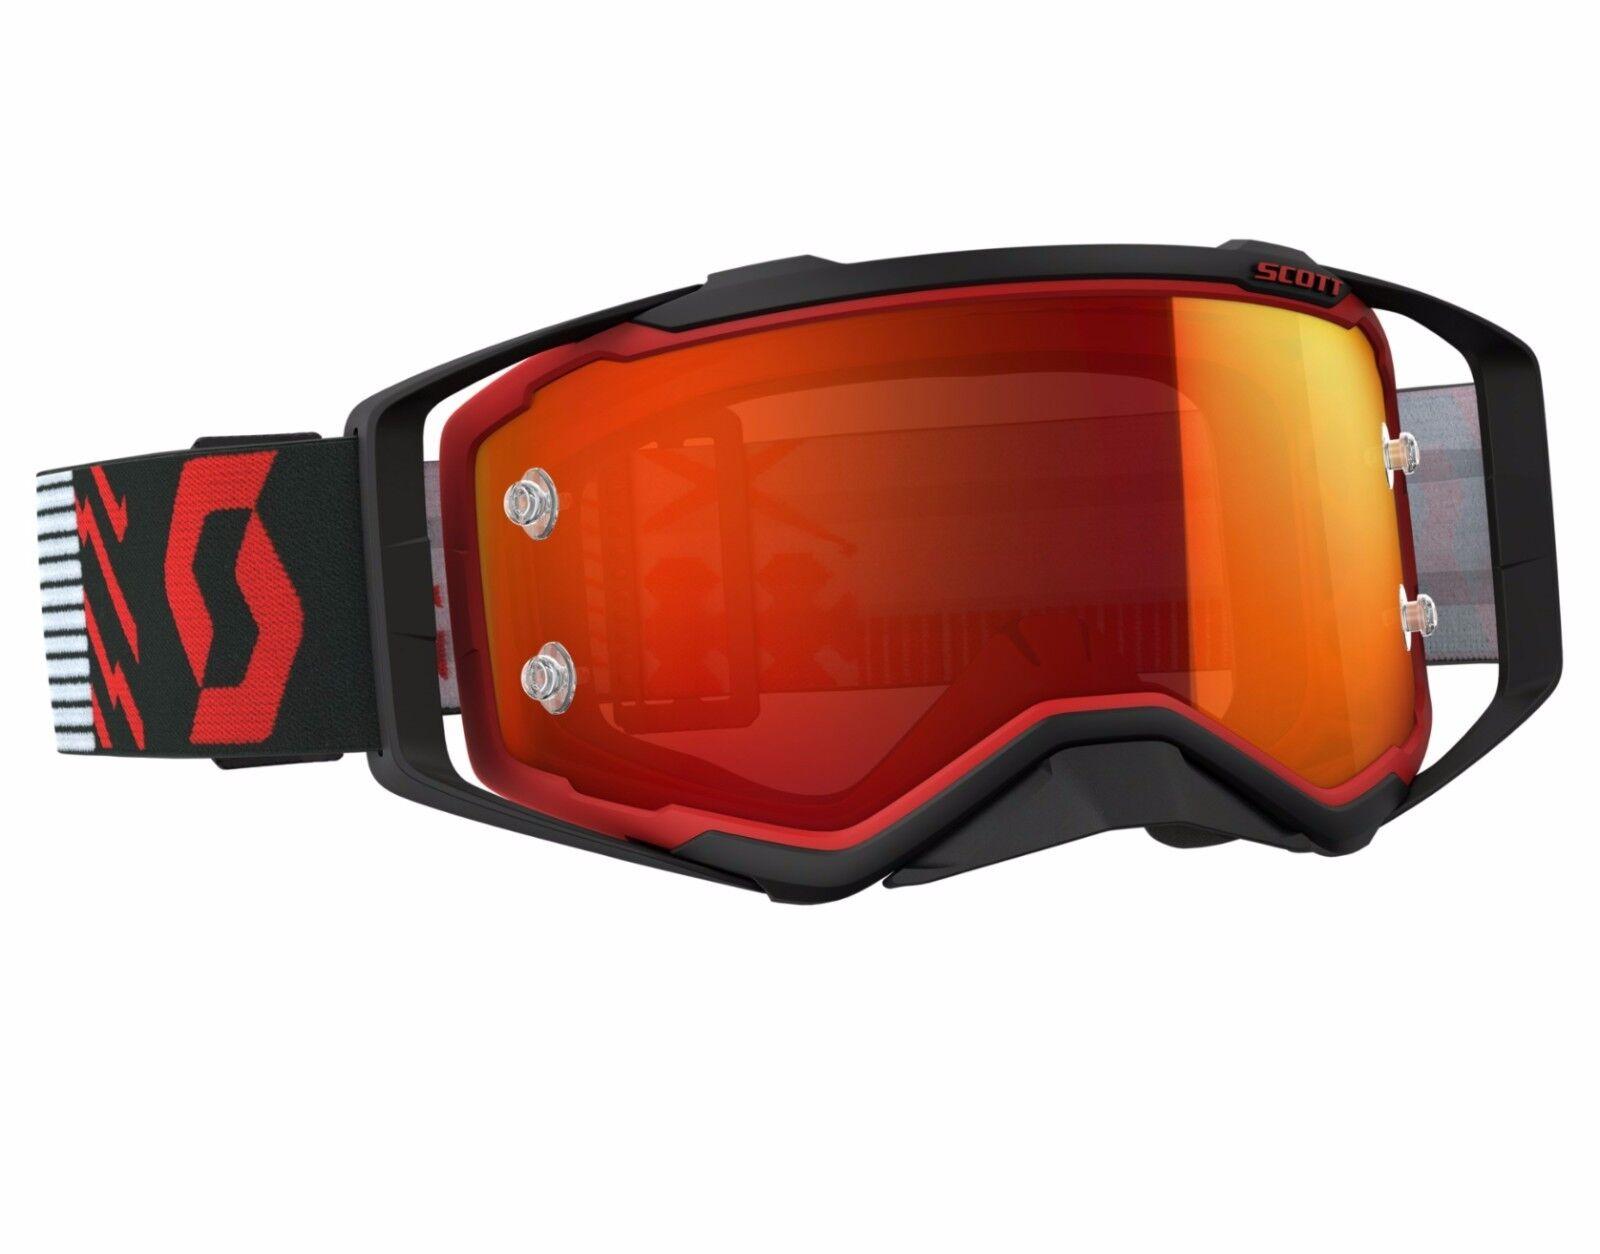 2018 SCOTT PROSPECT MOTOCROSS MX GOGGLES red / black / orange chrome works lens